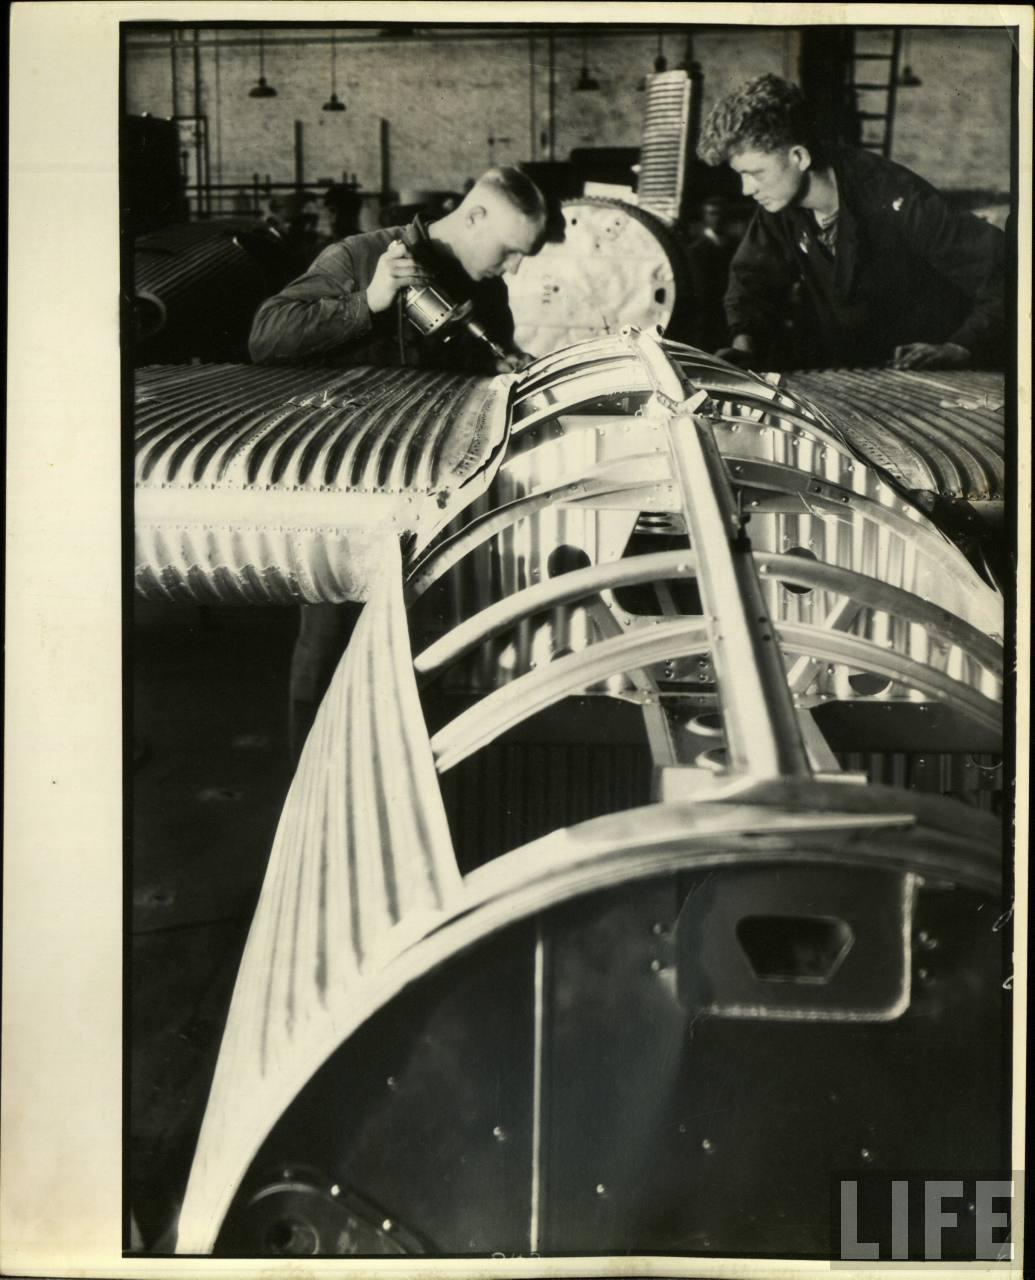 Margaret Bourke-White, 1109-93005